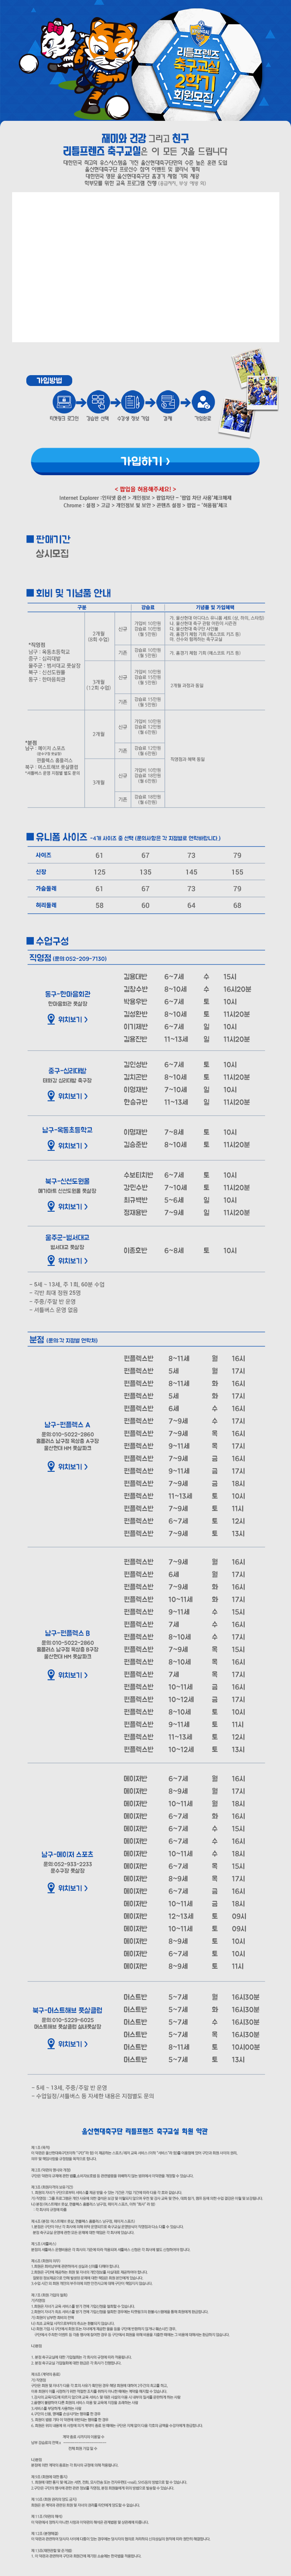 2017 리틀프렌즈 축구교실 2학기 회원모집